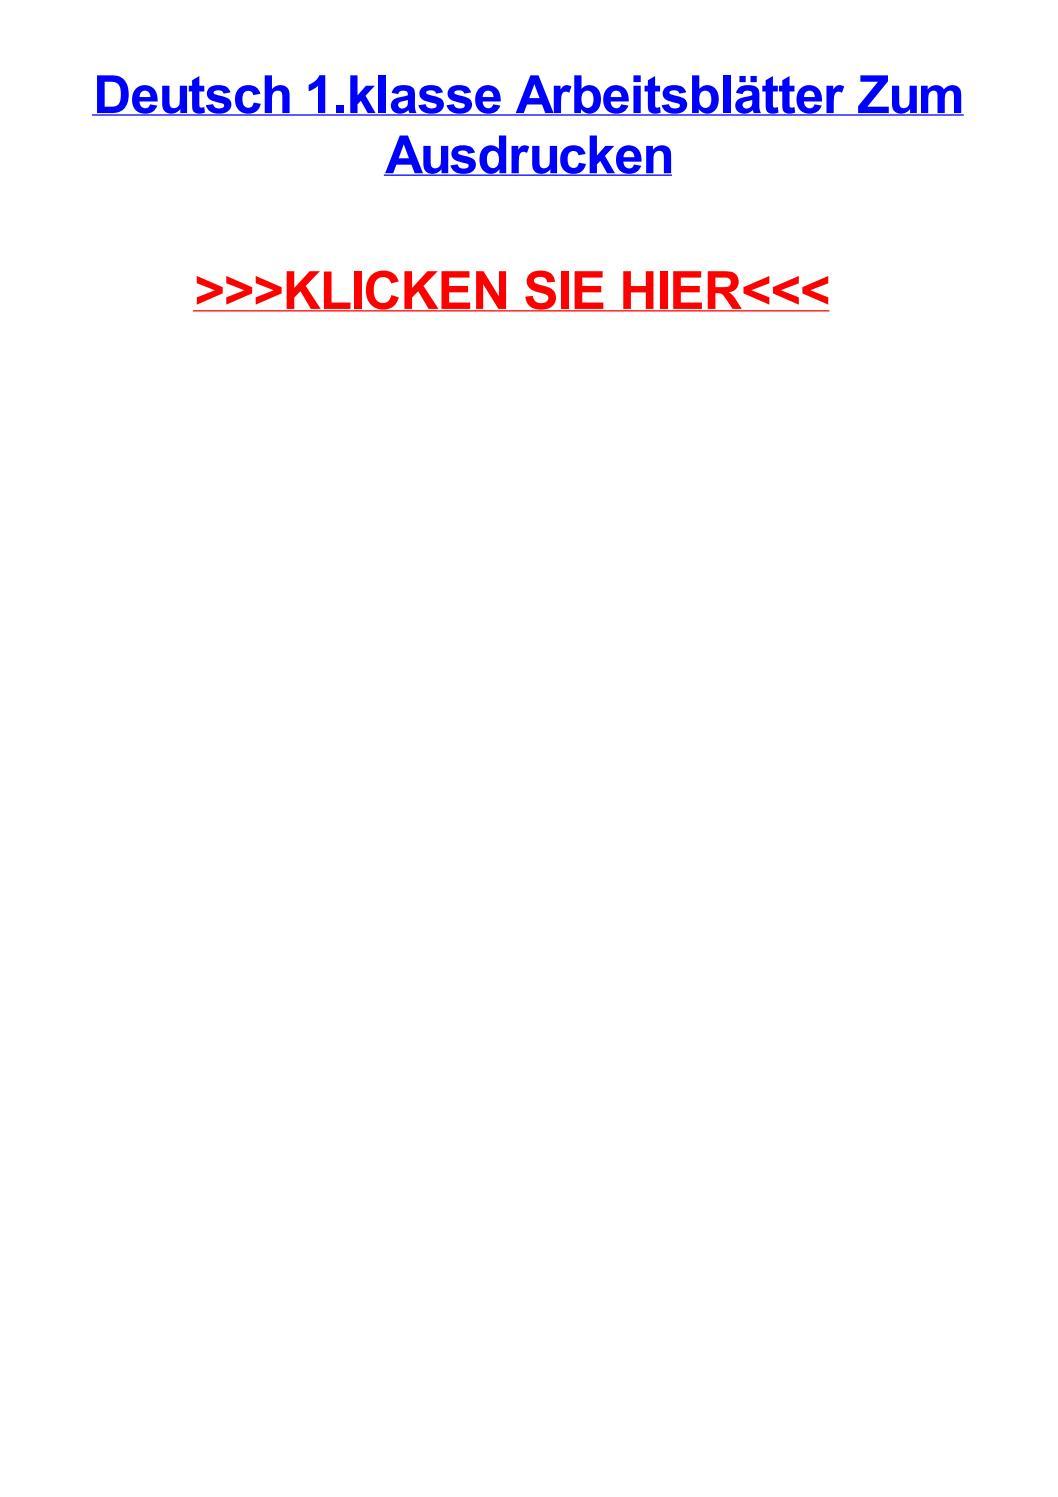 Deutsch 1 Klasse Arbeitsbltter Zum Ausdrucken By